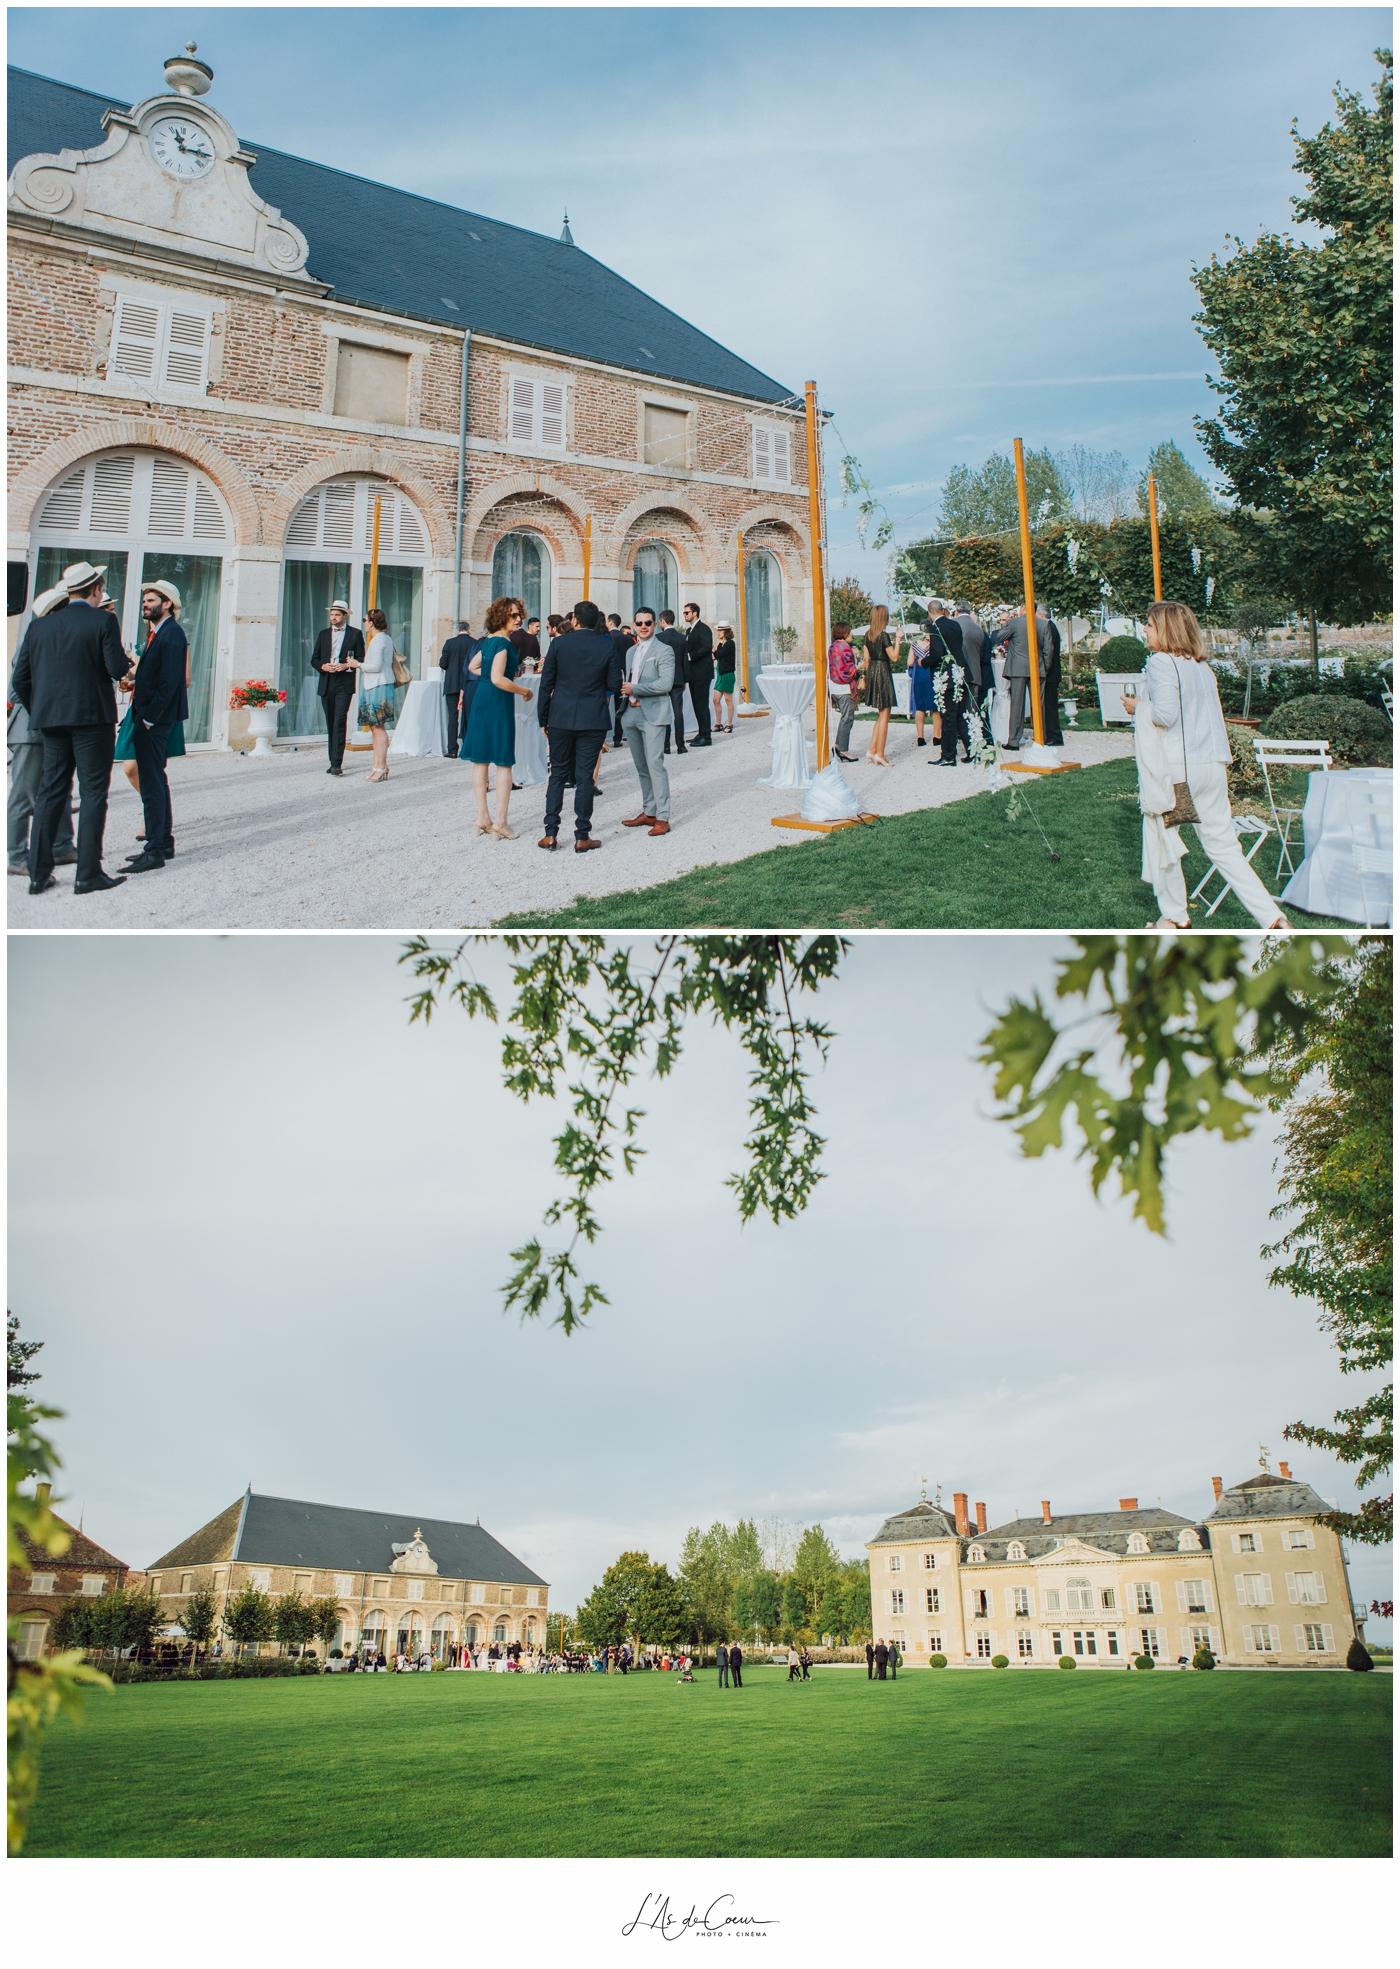 cocktail mariage Château de Varennes ©lasdecoeur 2